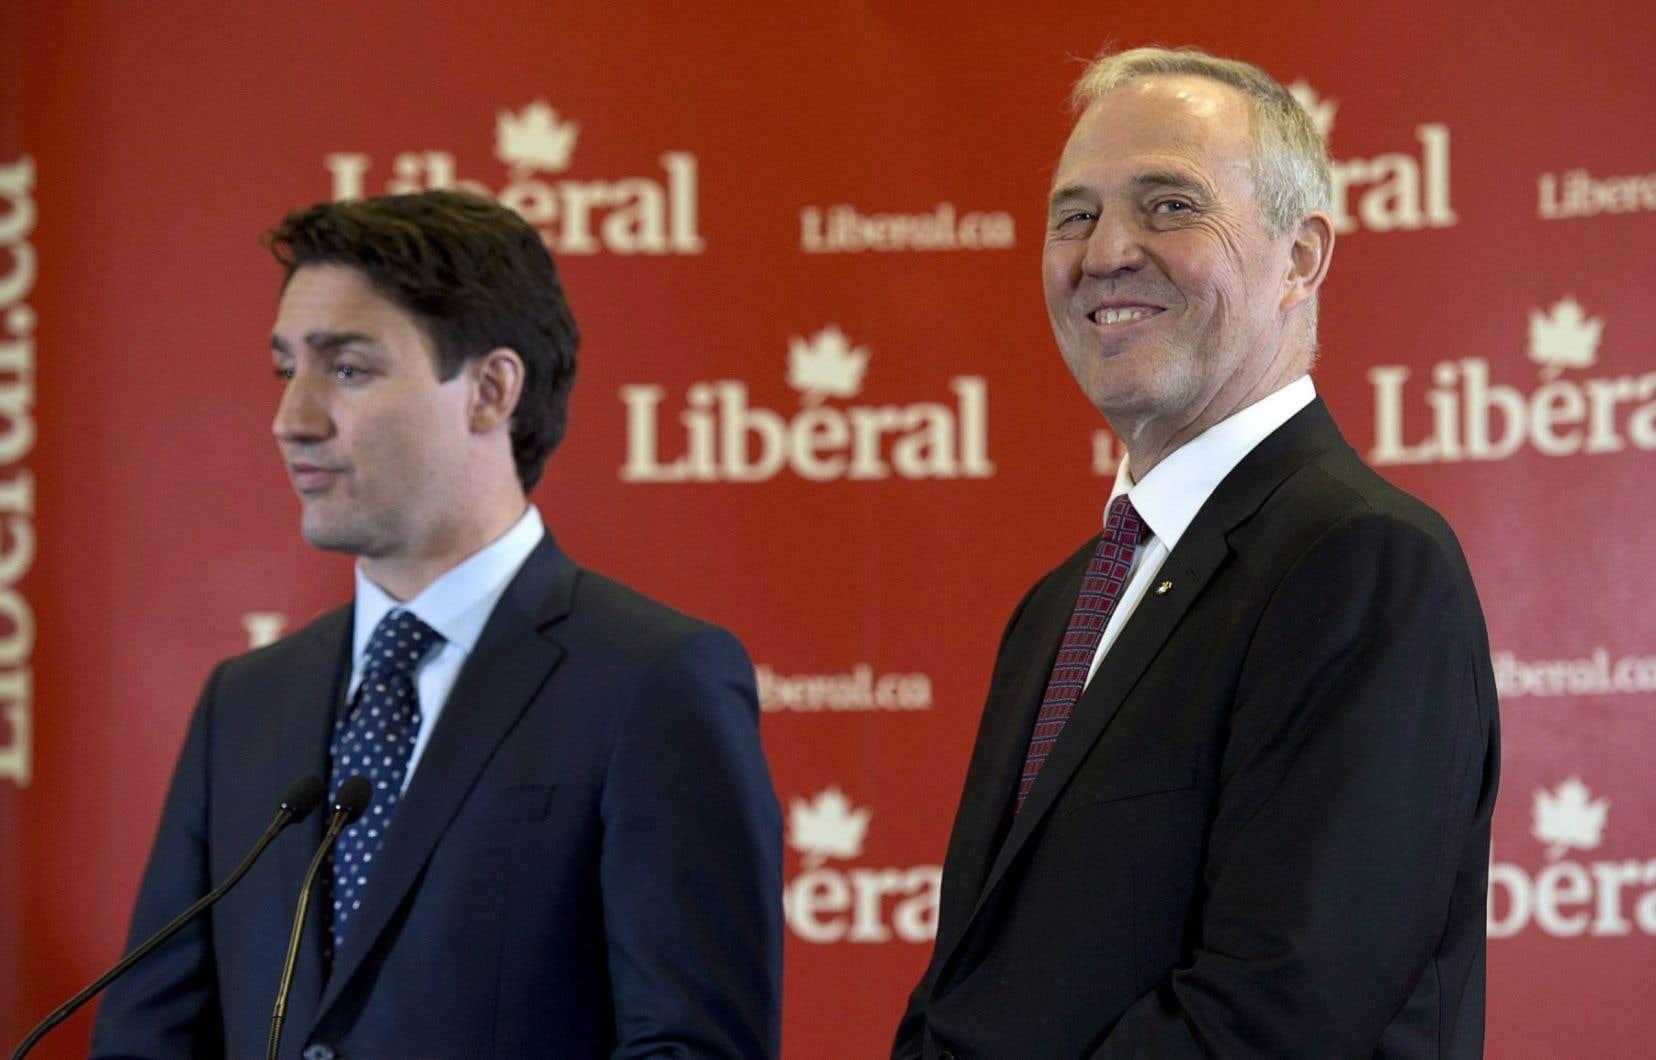 Le premier ministre, Justin Trudeau, a nommé Bill Blair, policier de carrière de 61ans, élu député libéral le 19octobre, dans l'espoir d'apaiser les craintes des Canadiens opposés aux drogues.